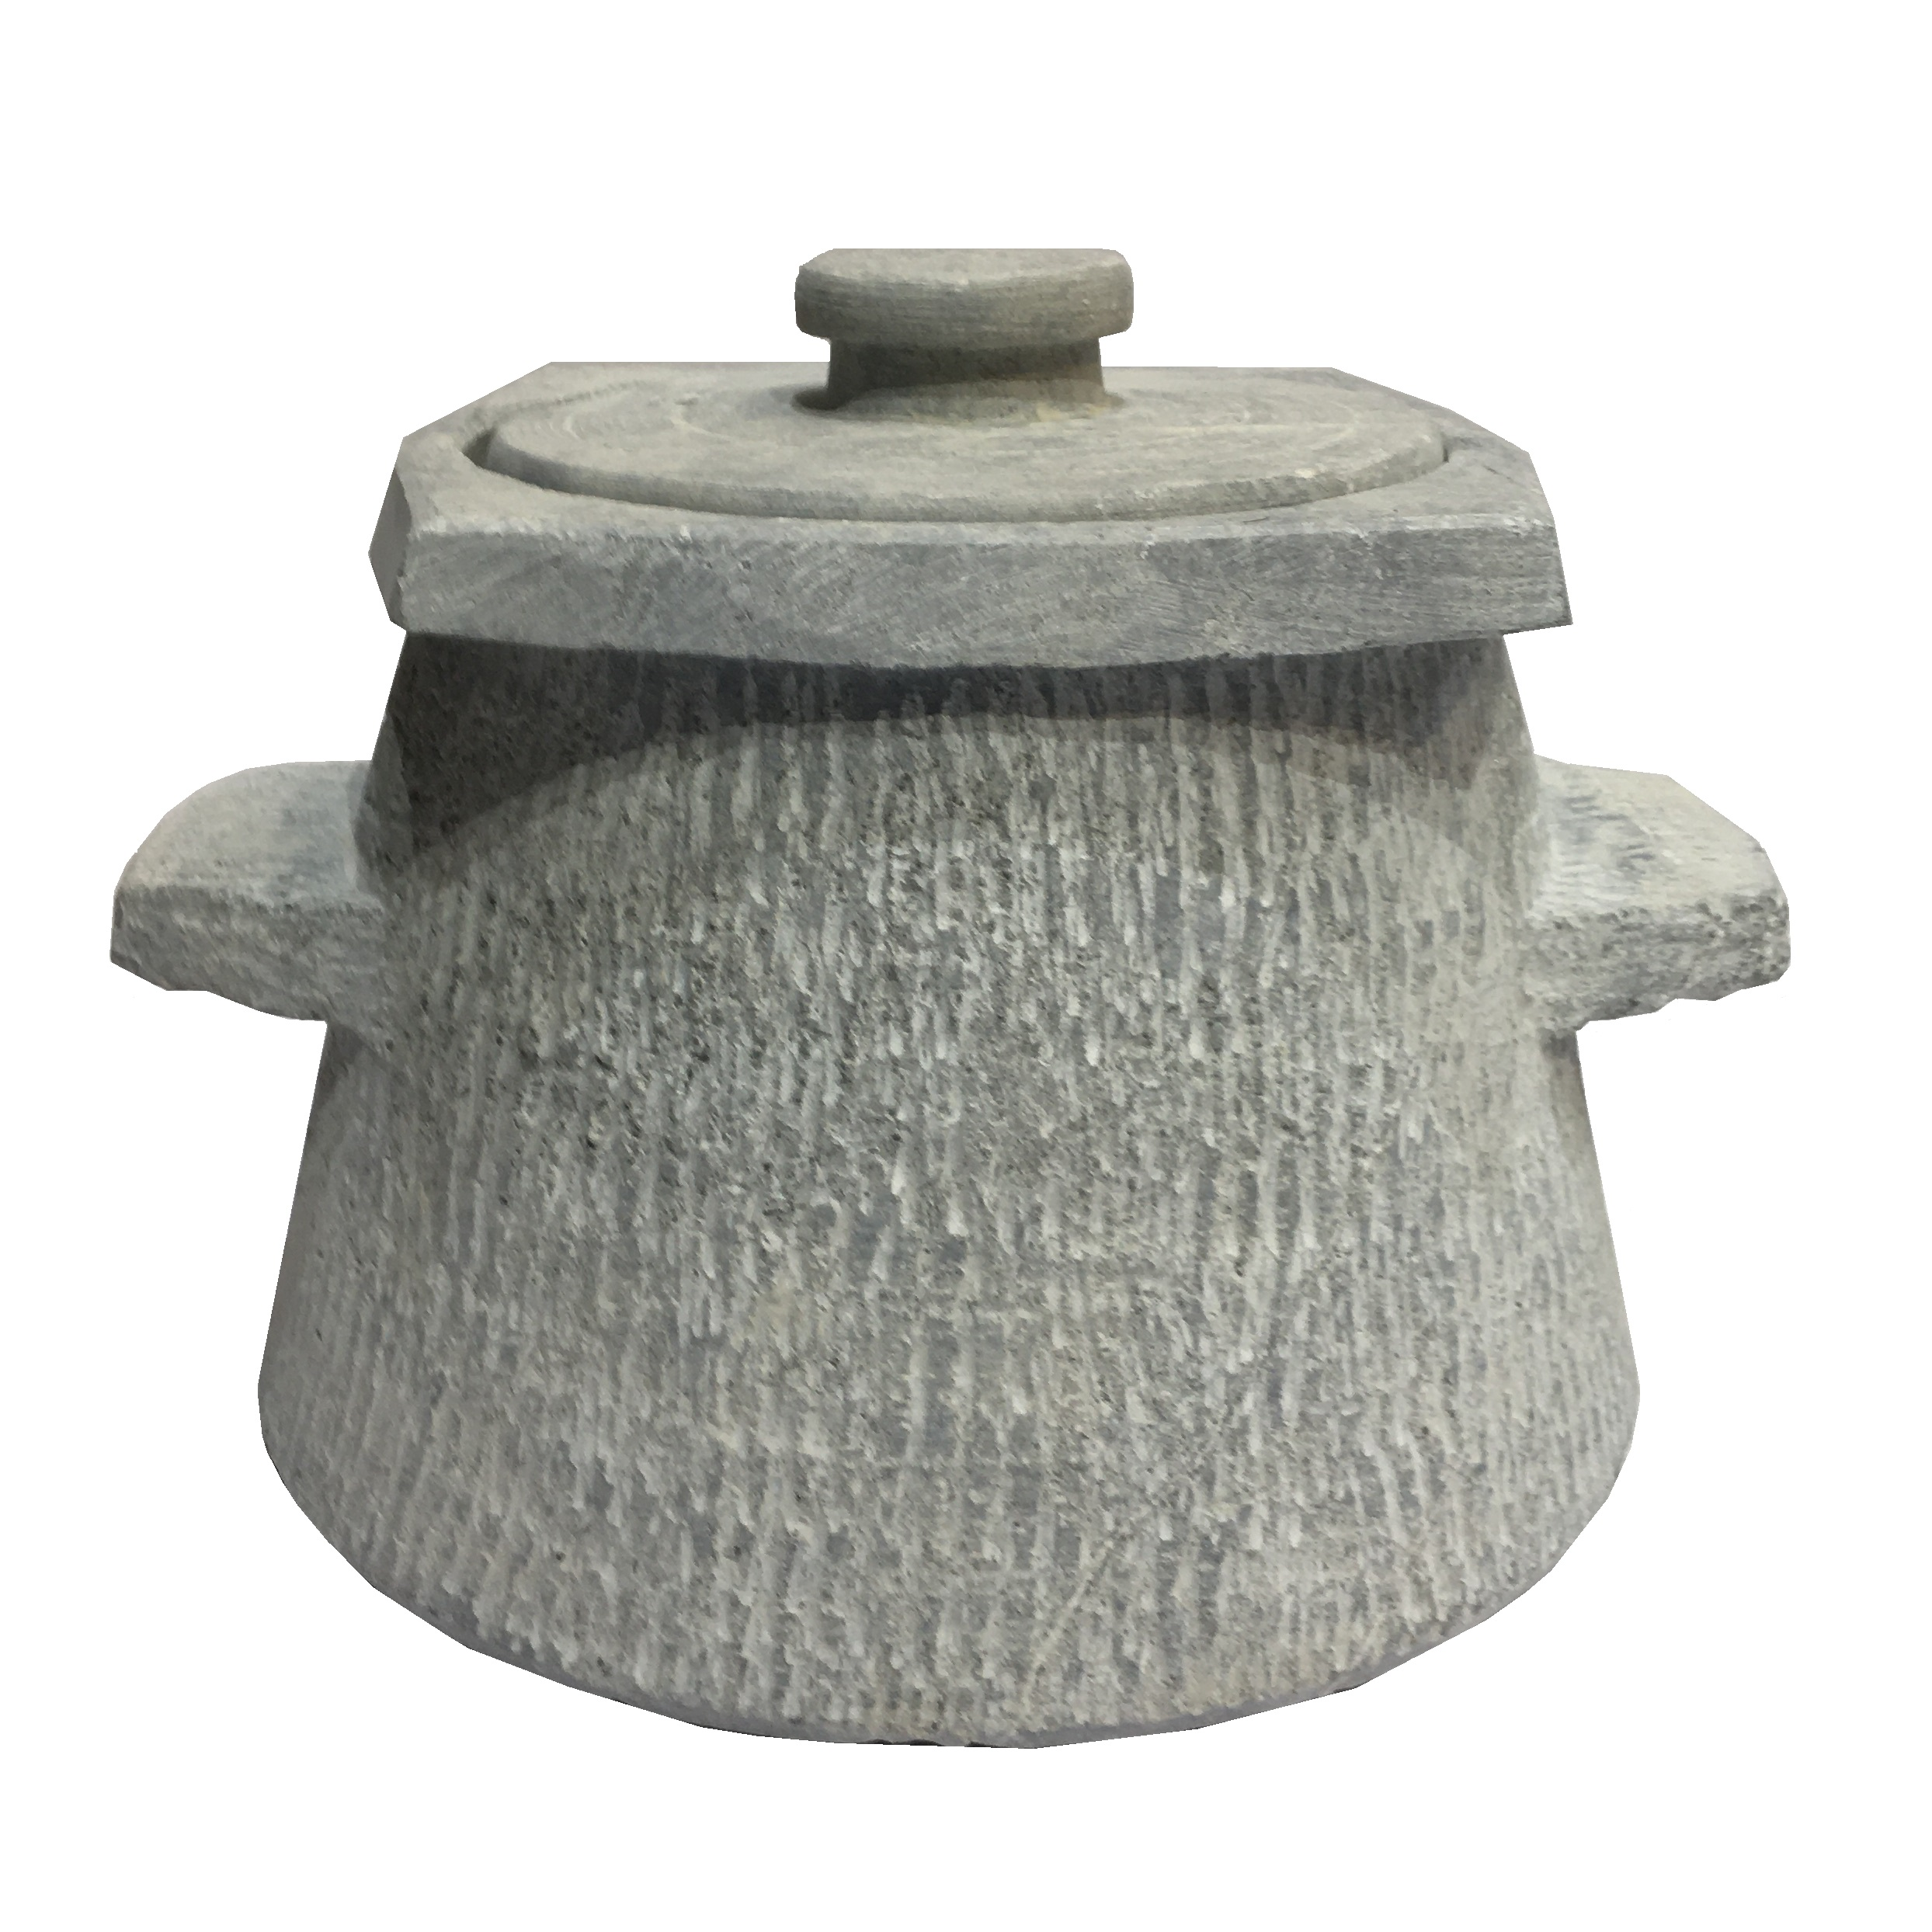 خرید                      ظرف دیزی سنگی مدل تیشه ای کد DZT0606